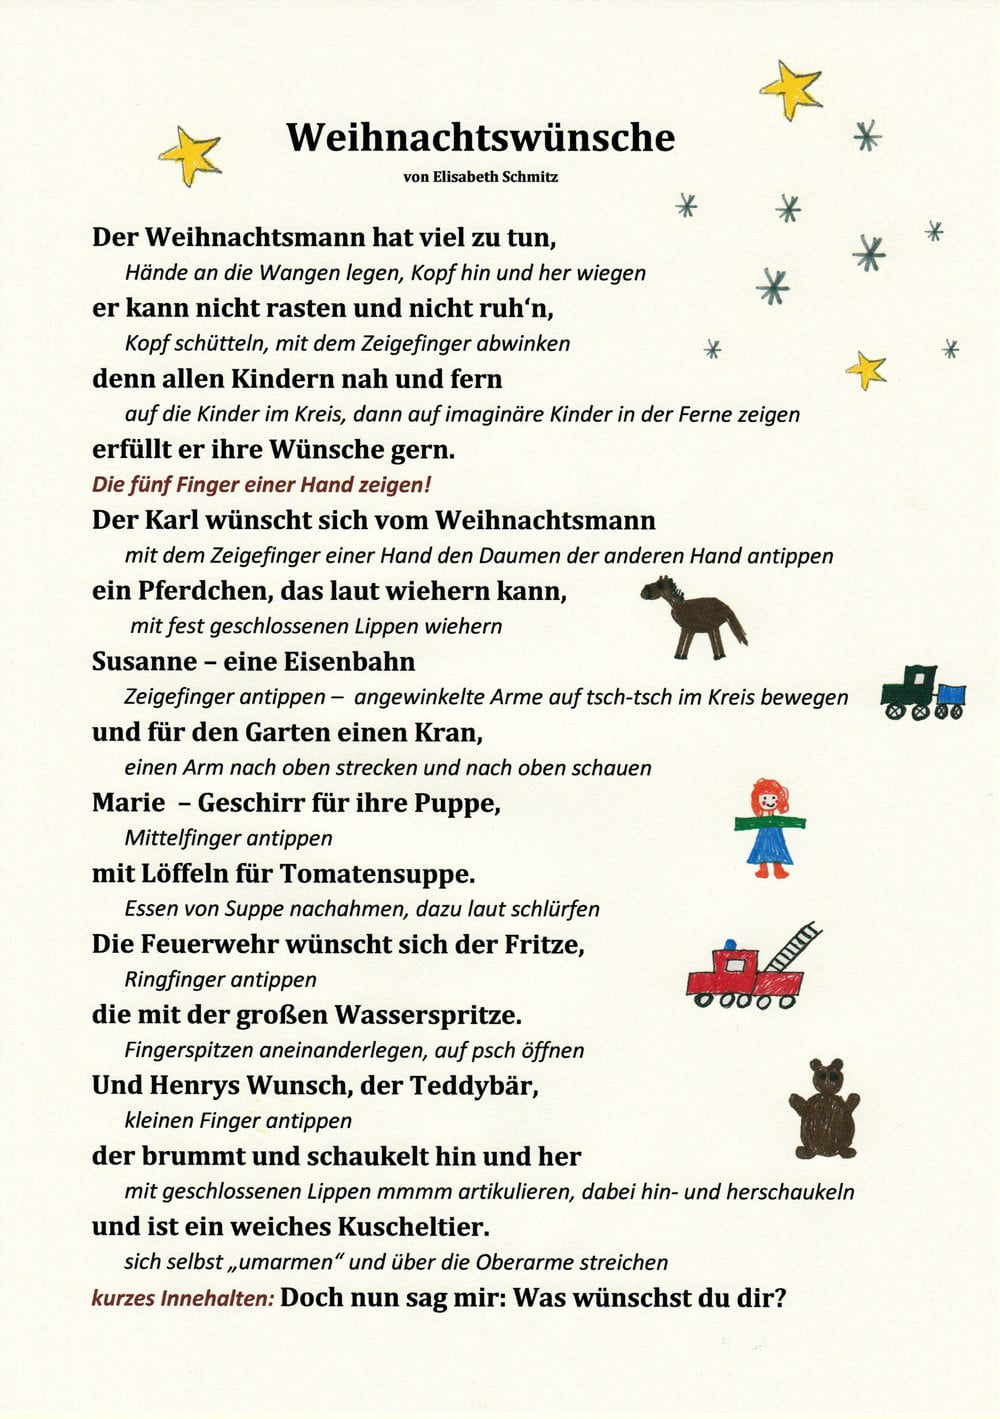 ein weihnachtsgedicht mit bewegungen